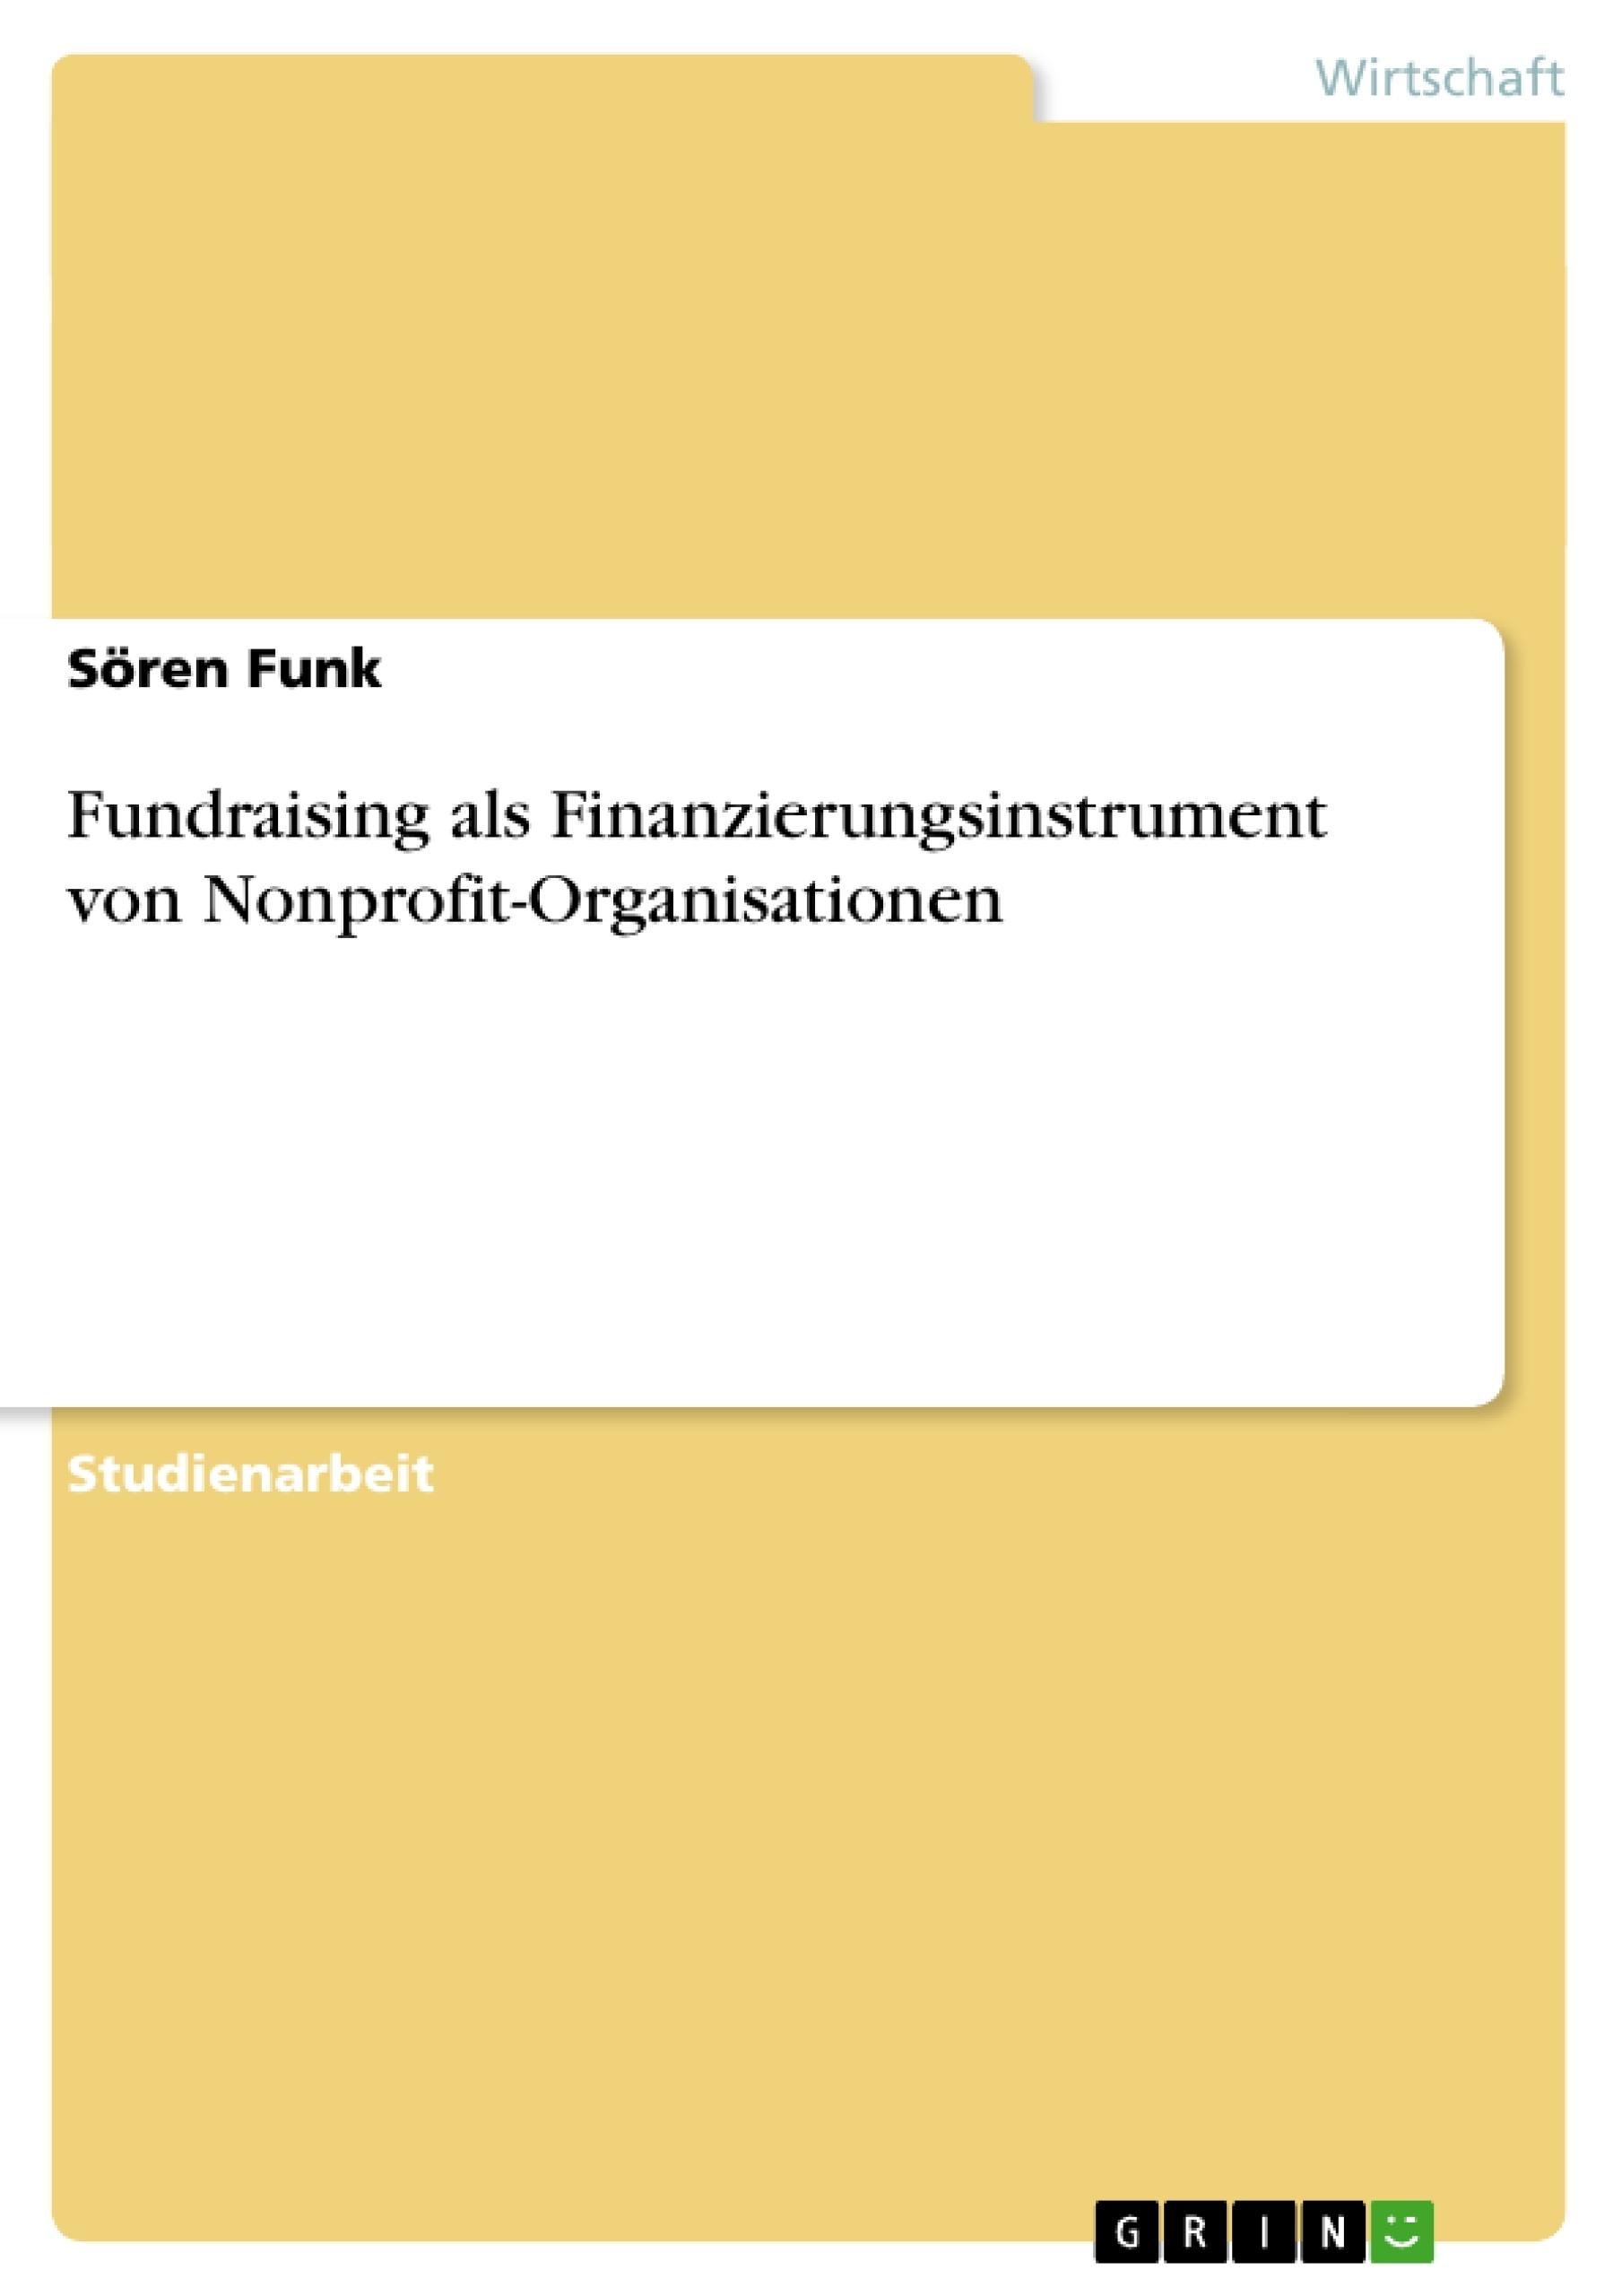 Titel: Fundraising als Finanzierungsinstrument von Nonprofit-Organisationen